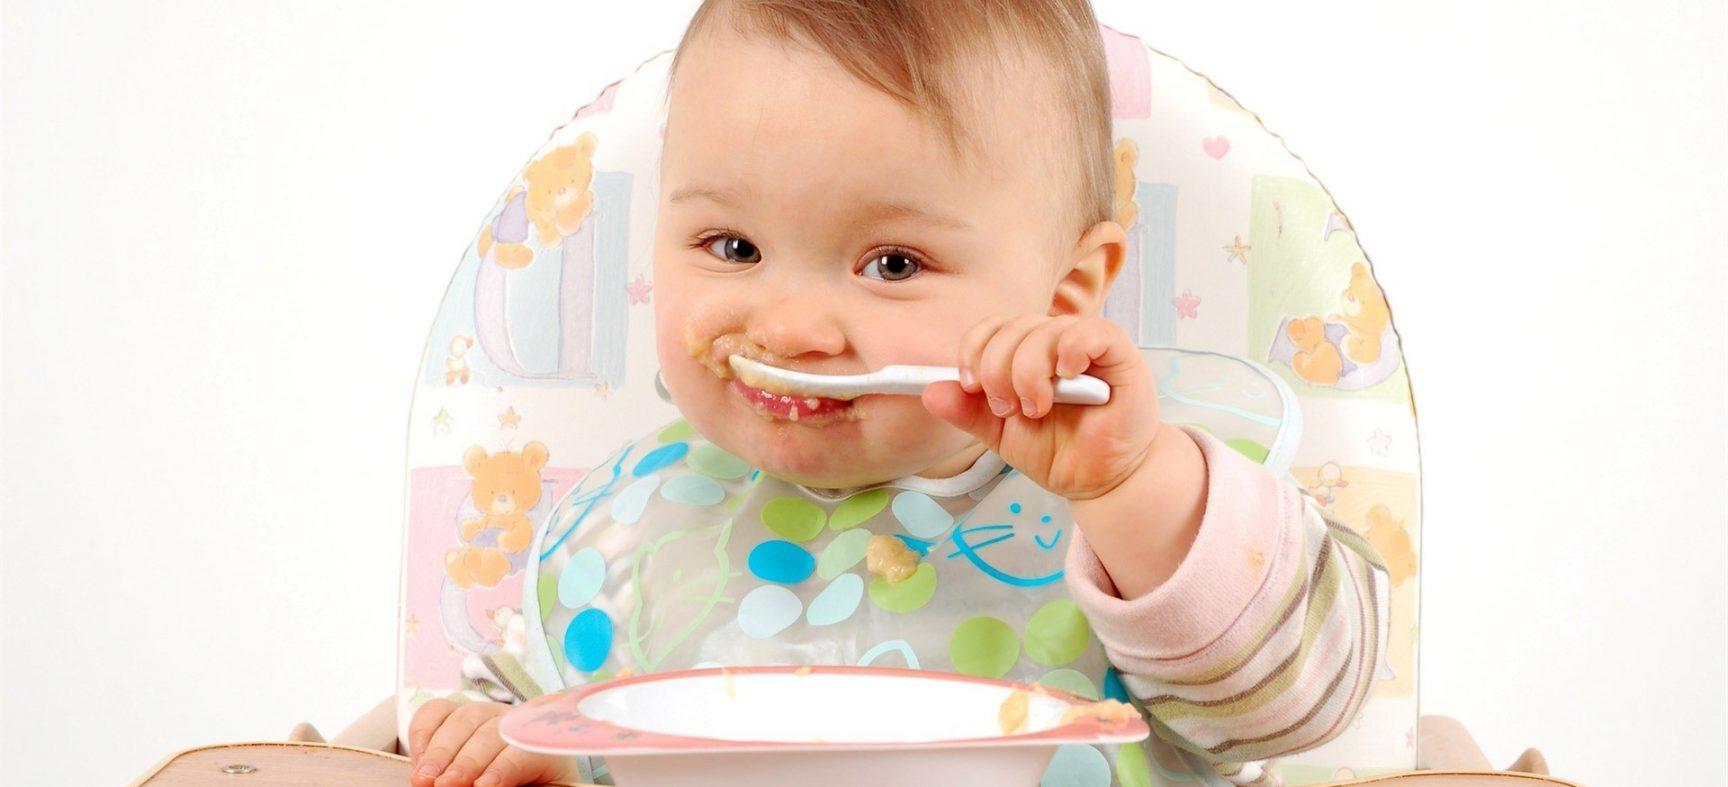 Ganho de peso: cuidado deve começar desde bebê.